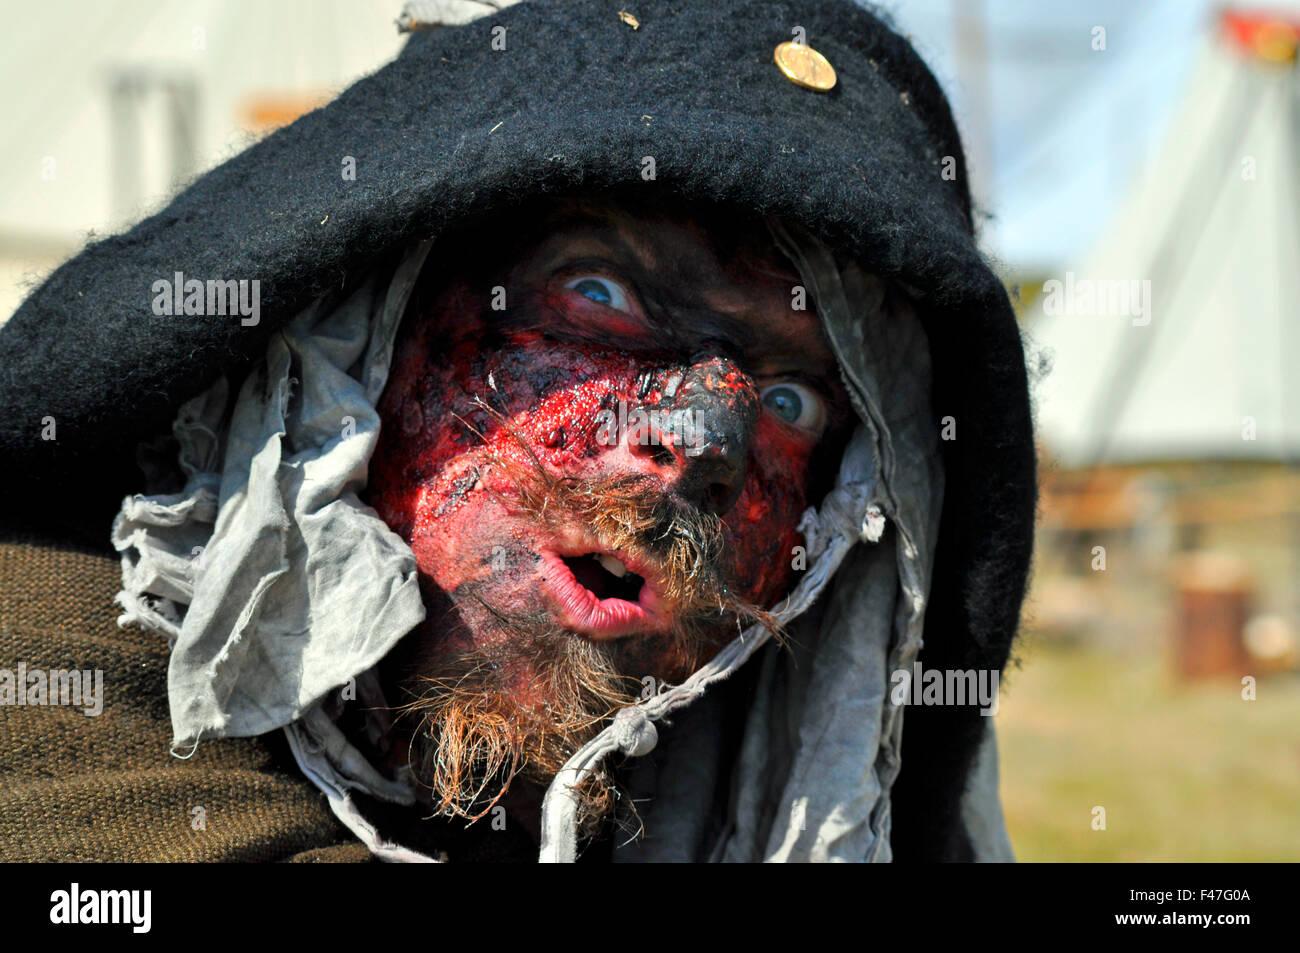 EUROPA, DEUTSCHLAND, HAMBURG, Schauspieler mit blutiger Maske beim Mittelalter-Event Spectaculum. Editorial use - Stock Image